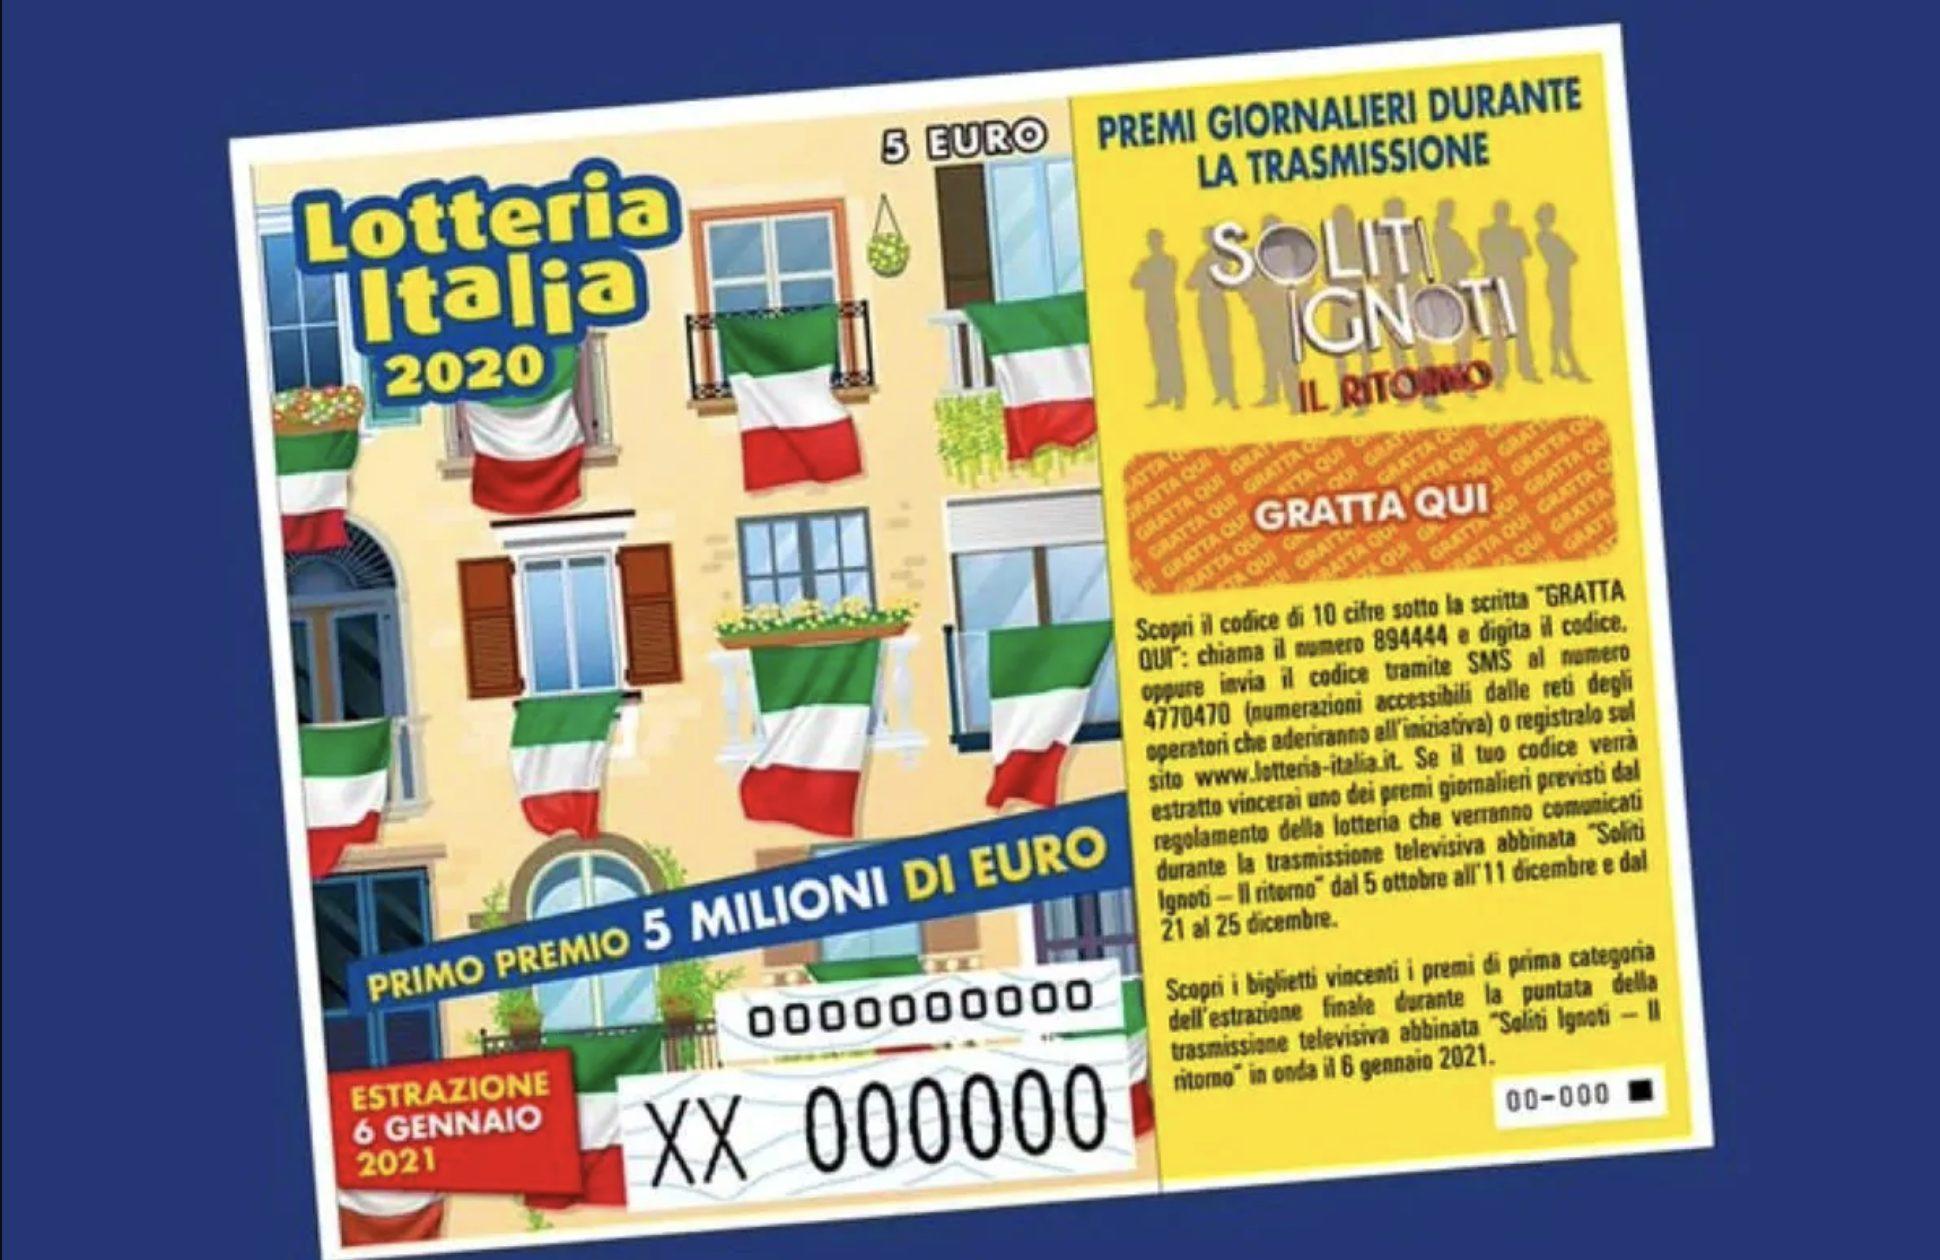 Lotteria italia estrazioni 2021 beatles